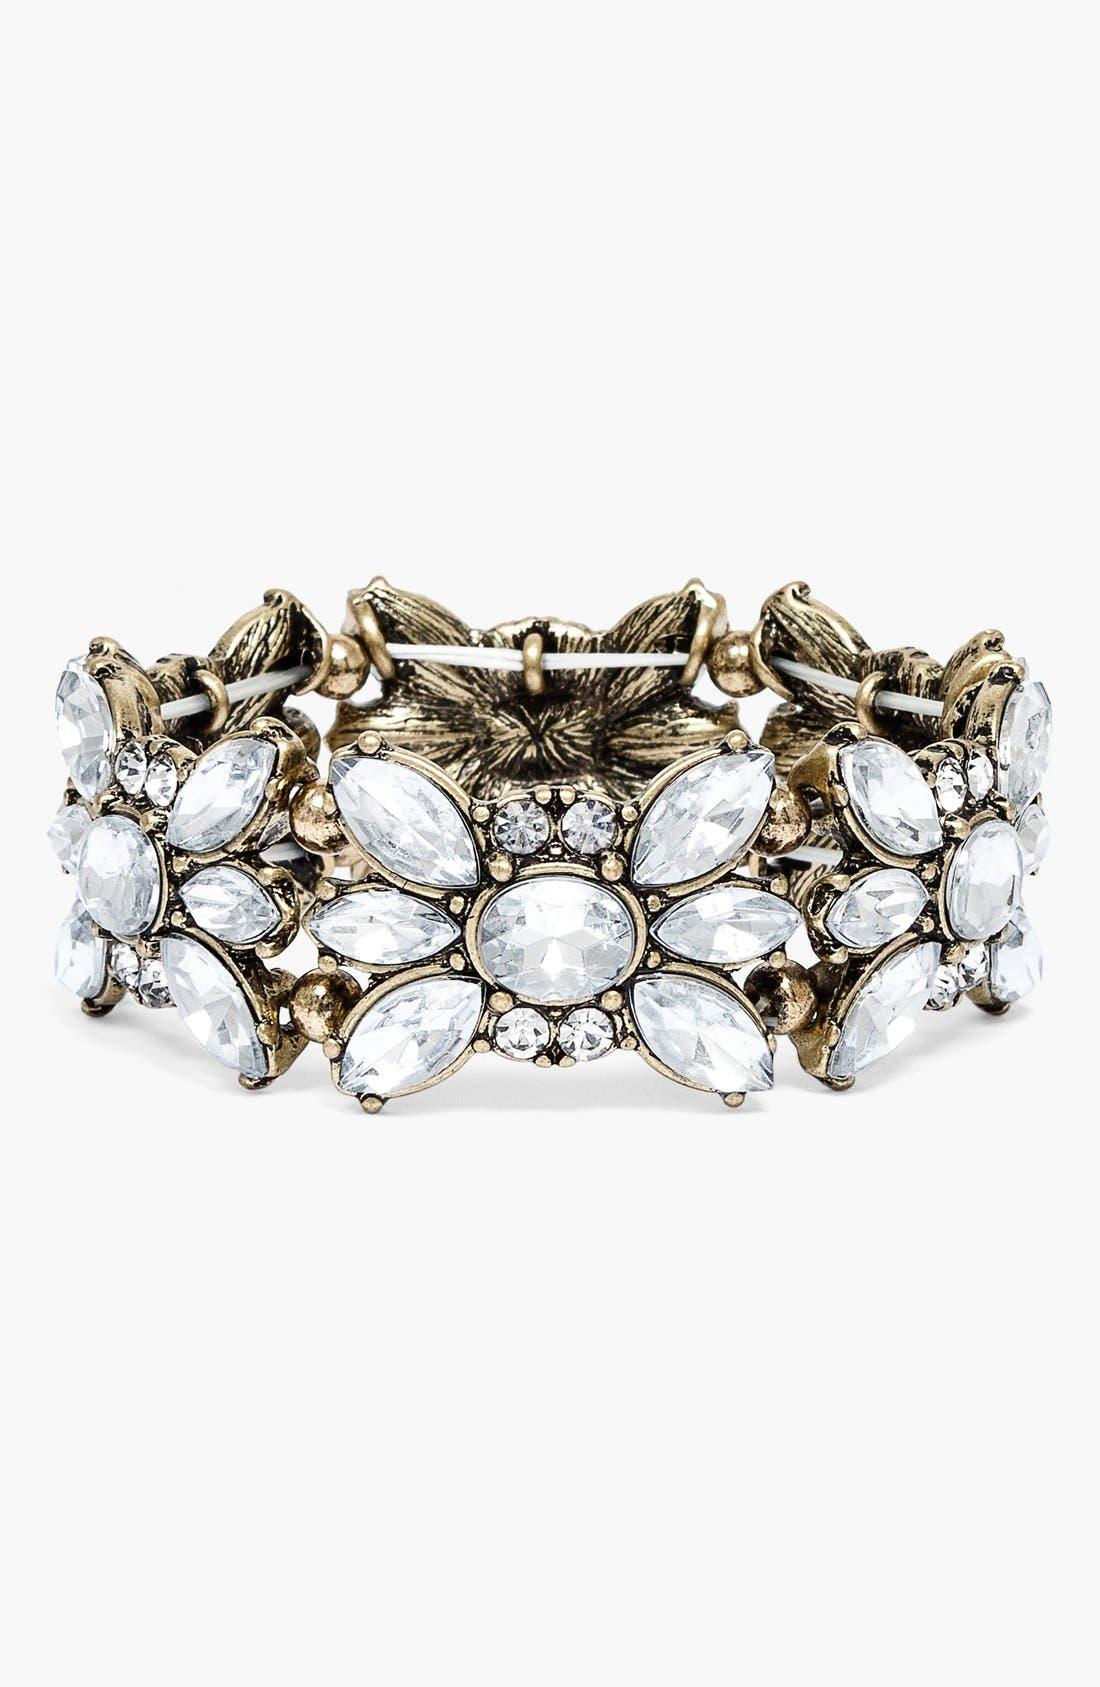 Alternate Image 1 Selected - BaubleBar Crystal Stretch Bracelet